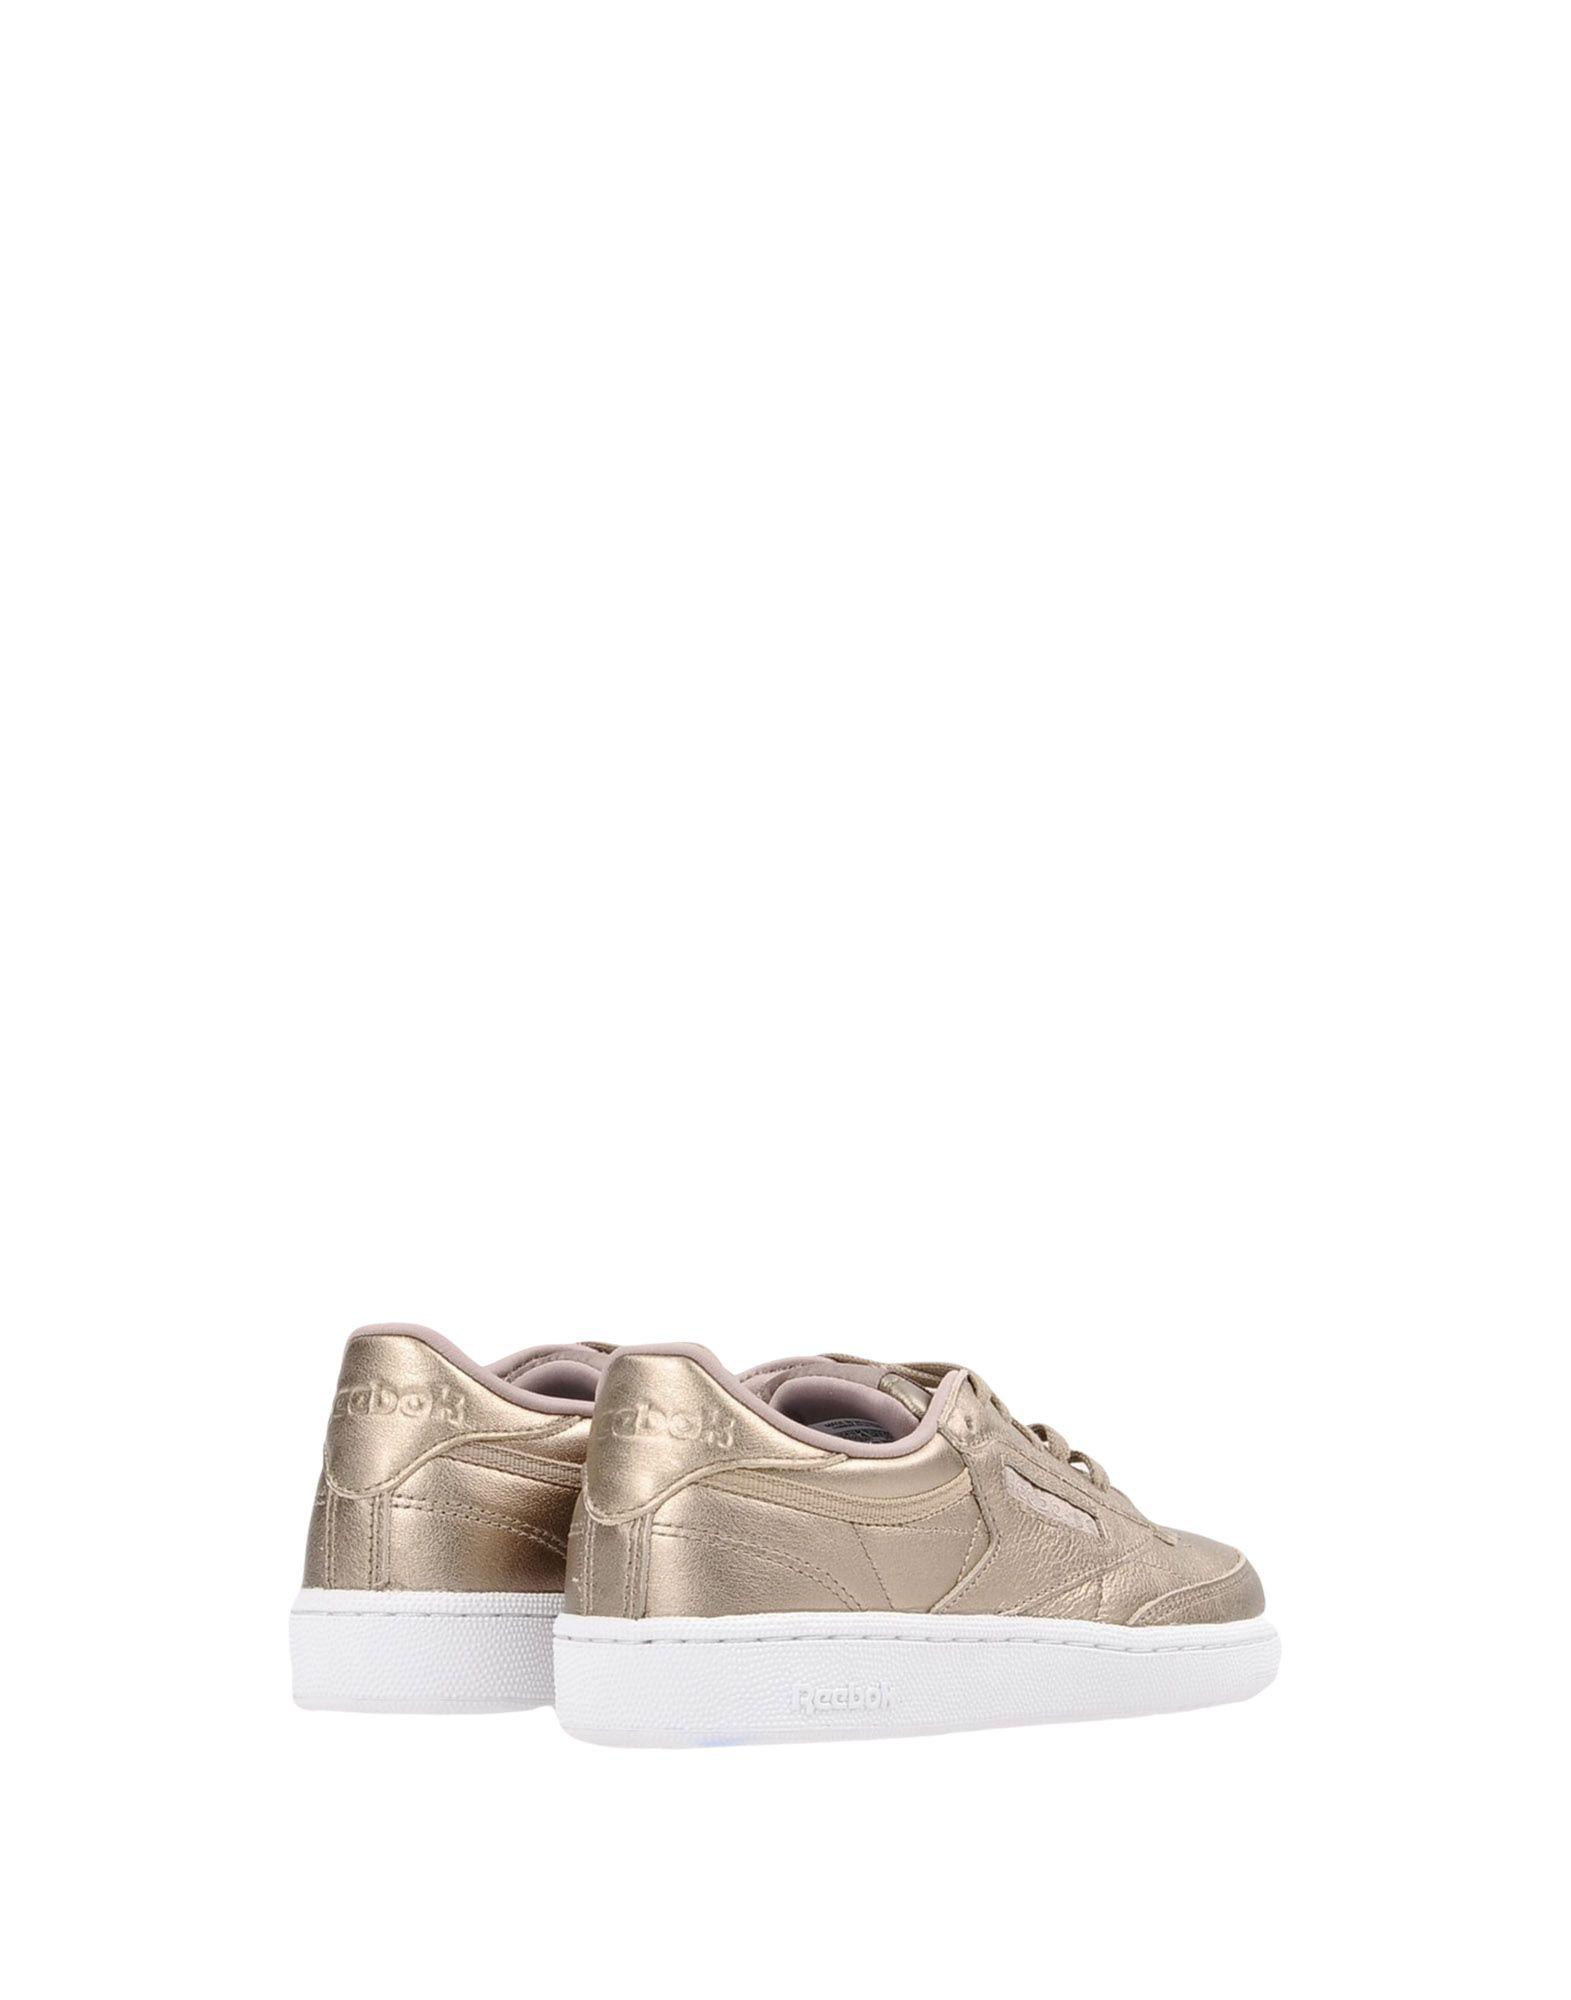 Sneakers Reebok Club C 85 Lthr - Femme - Sneakers Reebok sur